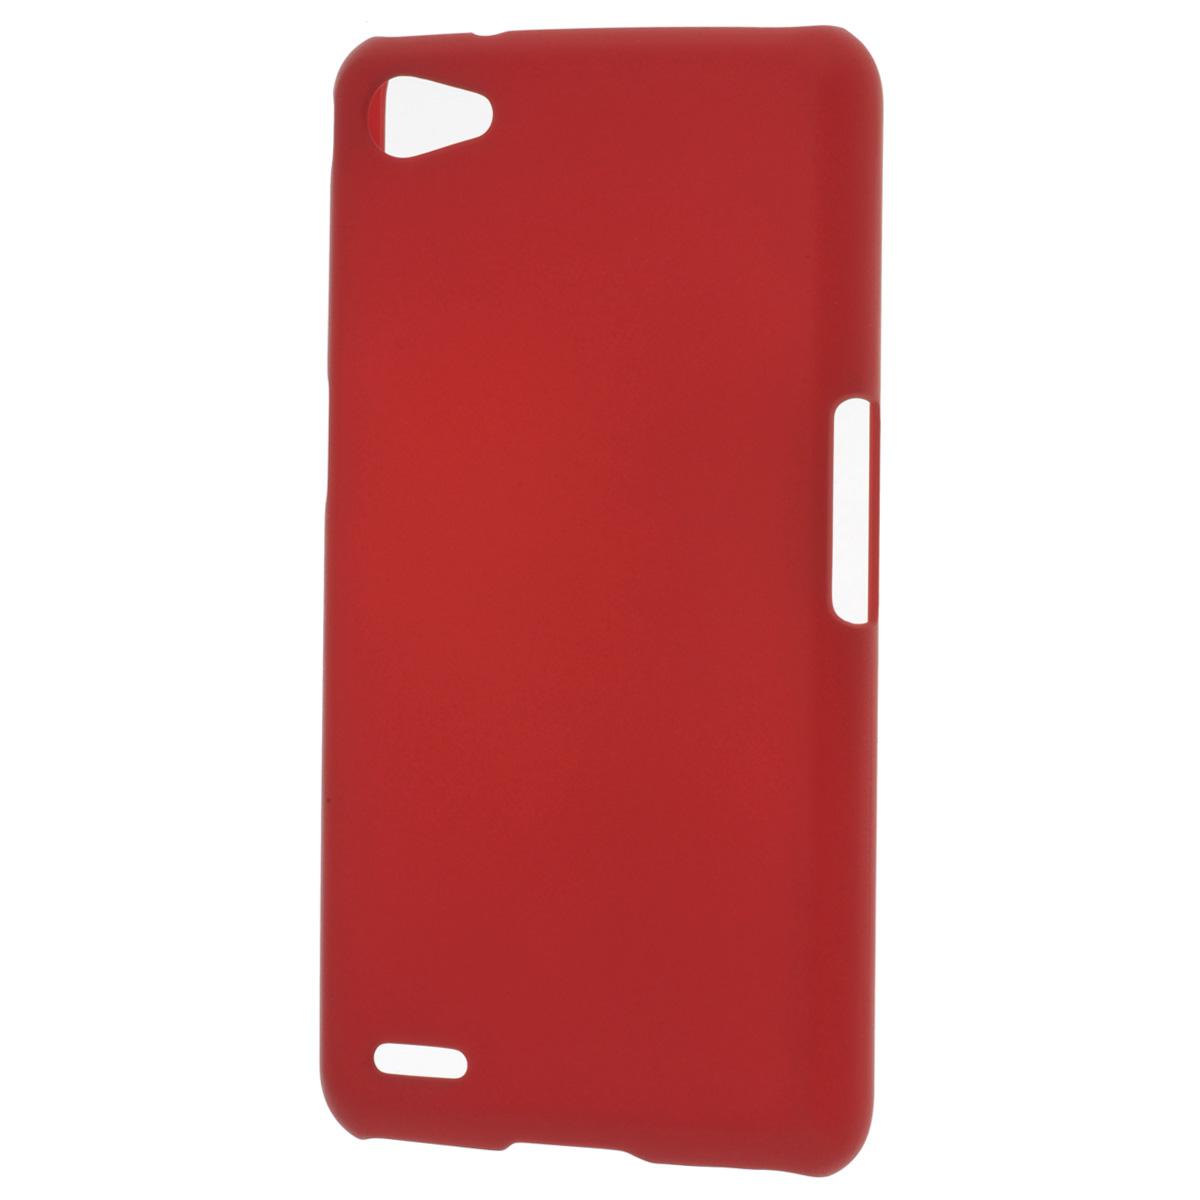 Skinbox Shield 4People чехол для Philips W6610, RedT-S-PW6610-002Накладка Skinbox Shield 4People для Philips W6610 - отличный аксессуар для защиты корпуса вашего смартфона от внешних повреждений, сохраняющий размеры устройства и обеспечивающий удобство работы с ним. Устойчивый к истиранию пластик надежно амортизирует мелкие механические воздействия и предотвращает появление царапин или потертостей на корпусе вашего гаджета. В комплект также входит защитная пленка для экрана смартфона.